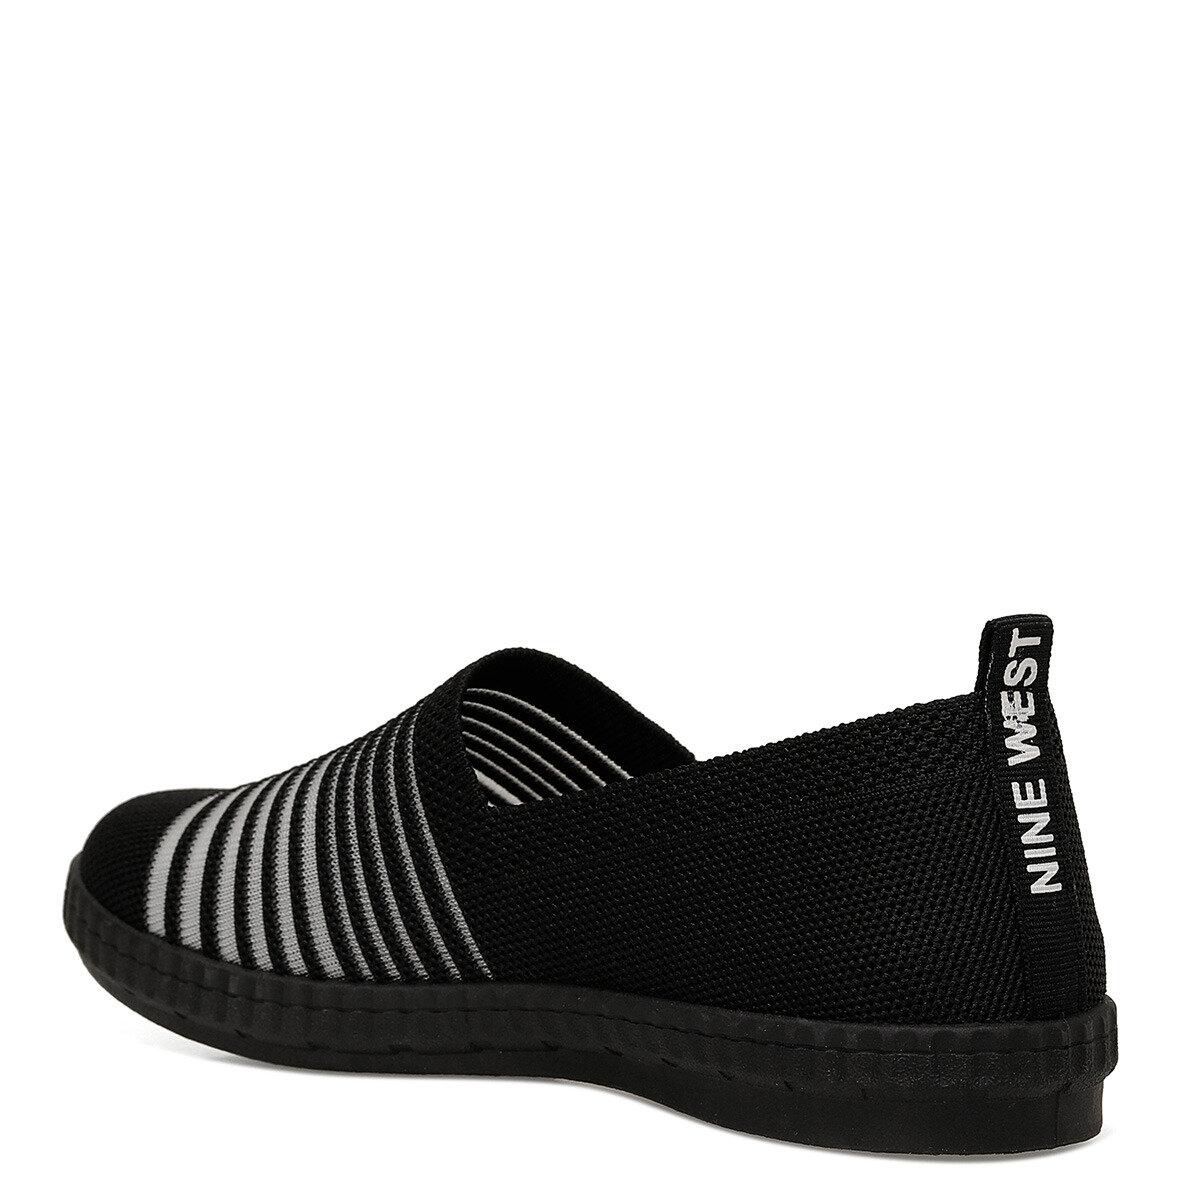 SHANA Siyah Kadın Slip On Ayakkabı